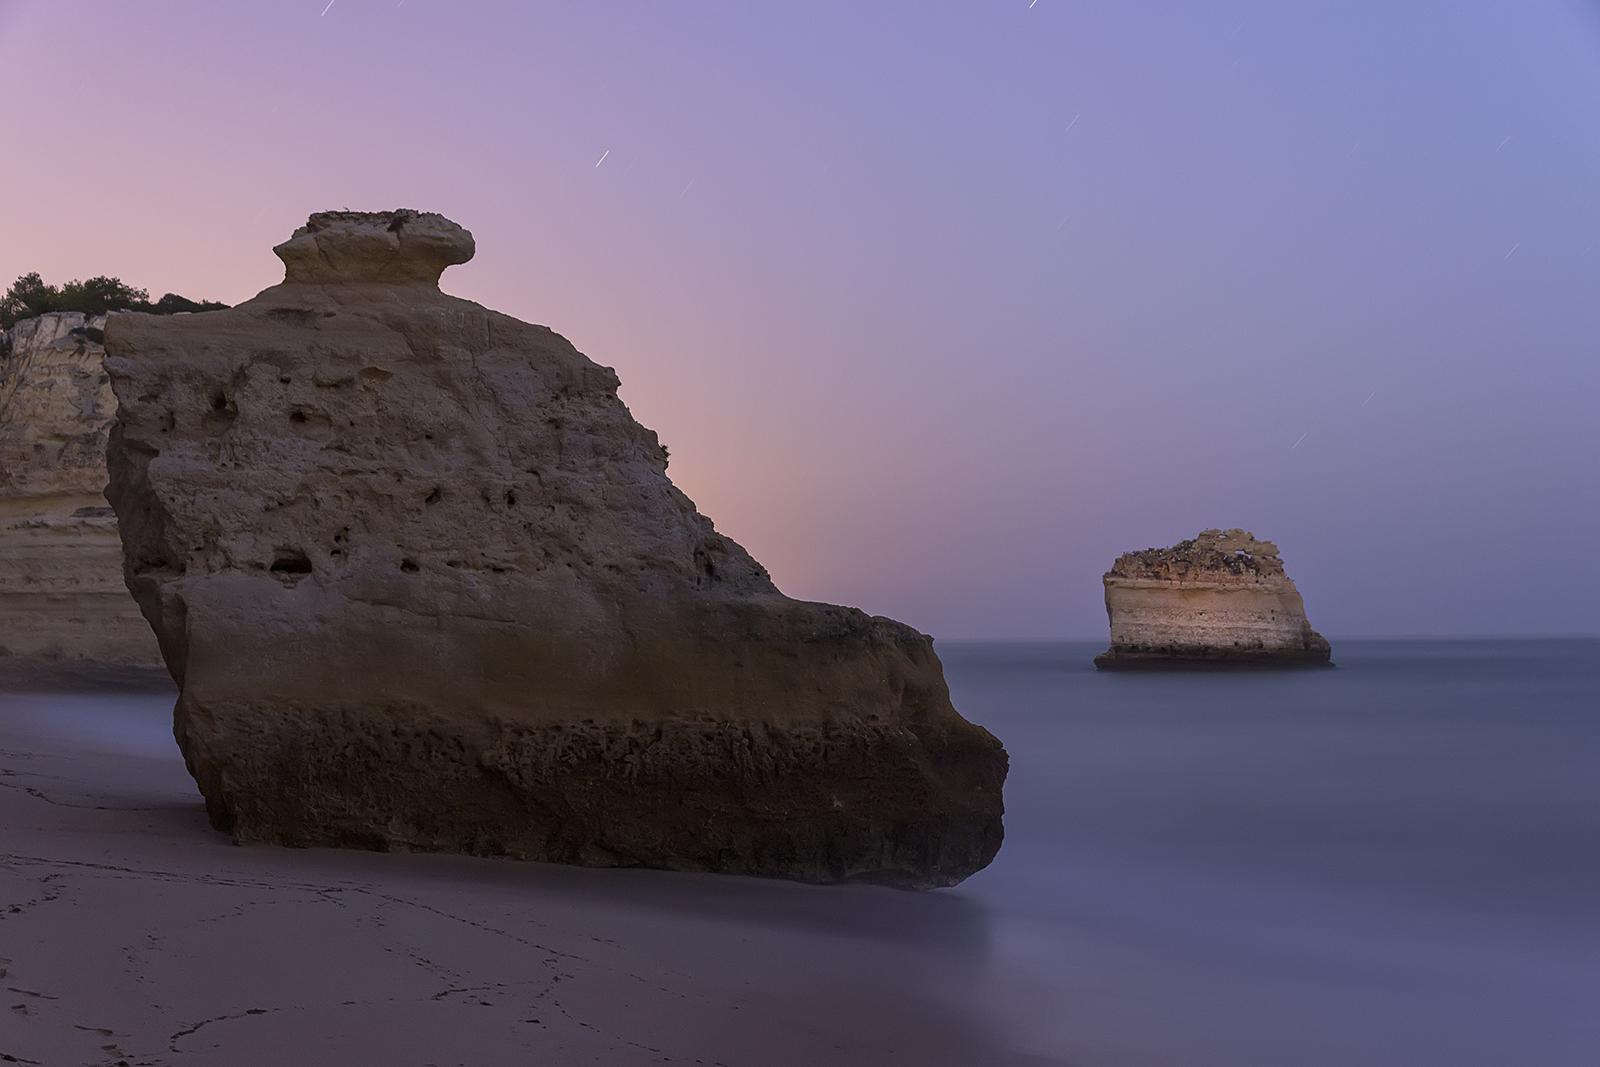 Paisaje nocturno Portugal playa Marinha noche, Larga exposición, Canon 6D, Algarve,Danilatorre,danilatorre, Dani Latorre, daniel Latorre